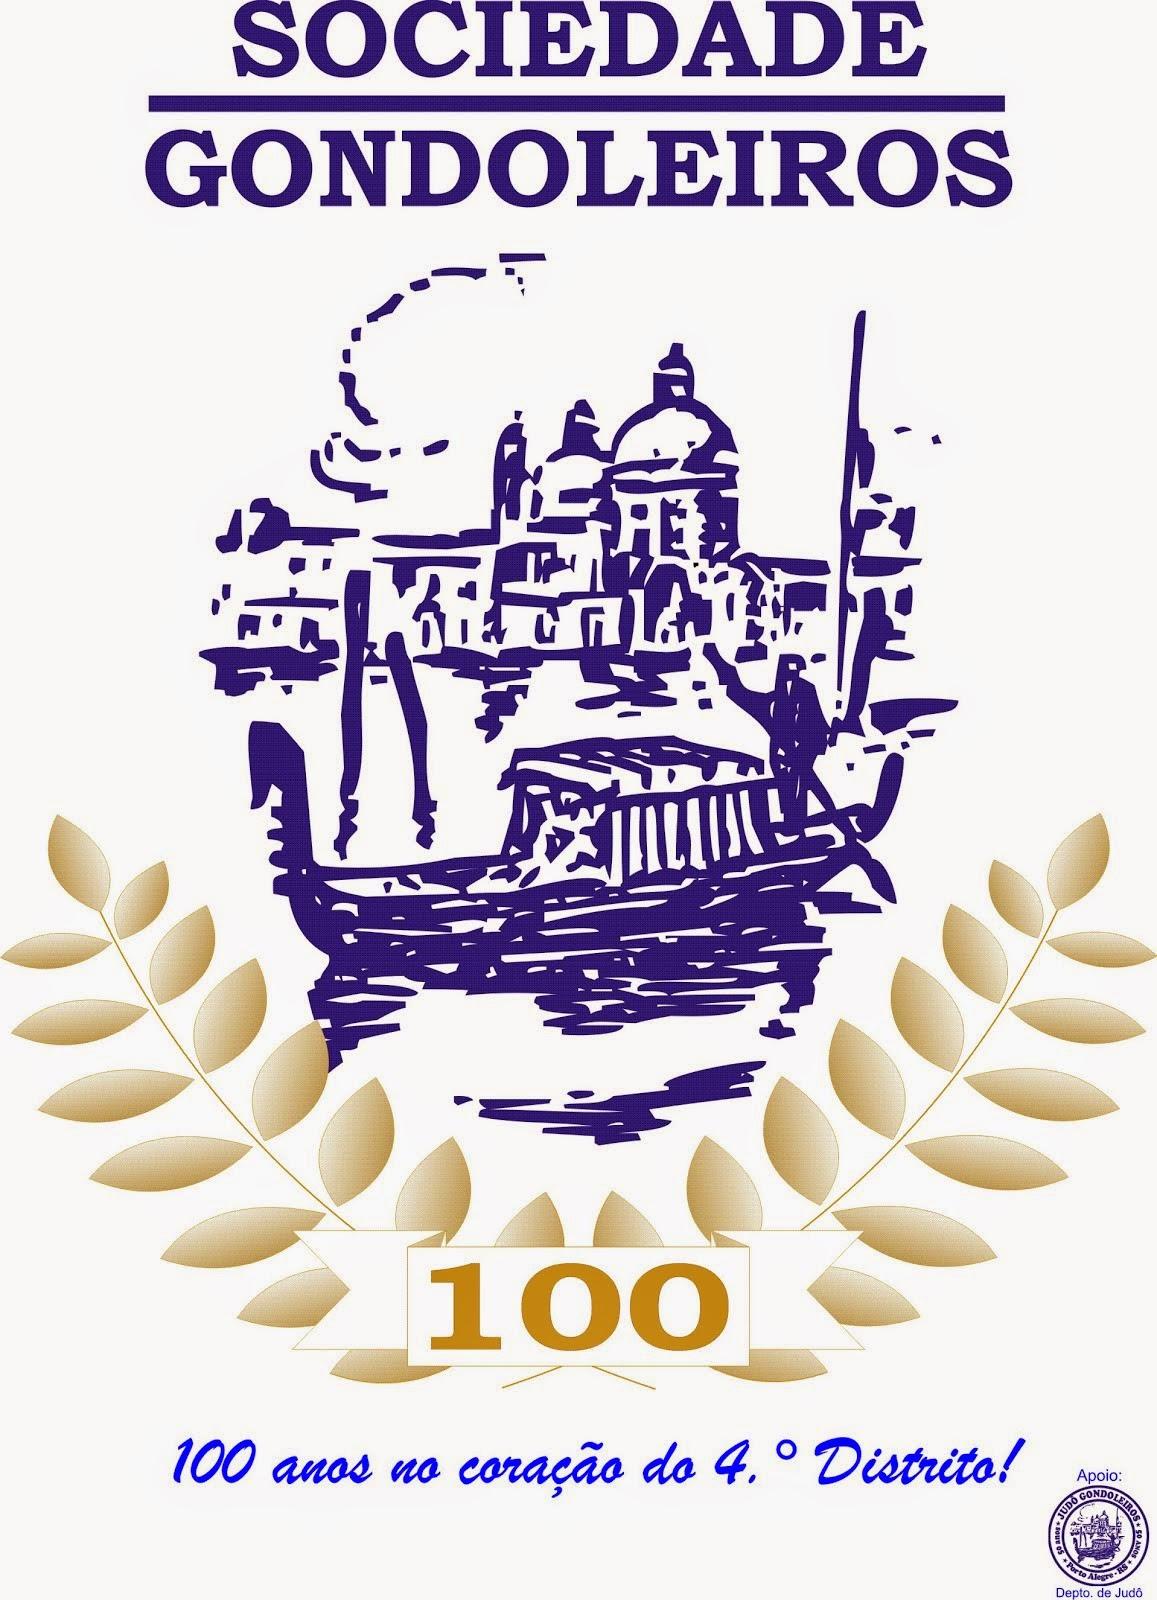 Sociedade Gondoleiros - 100 anos